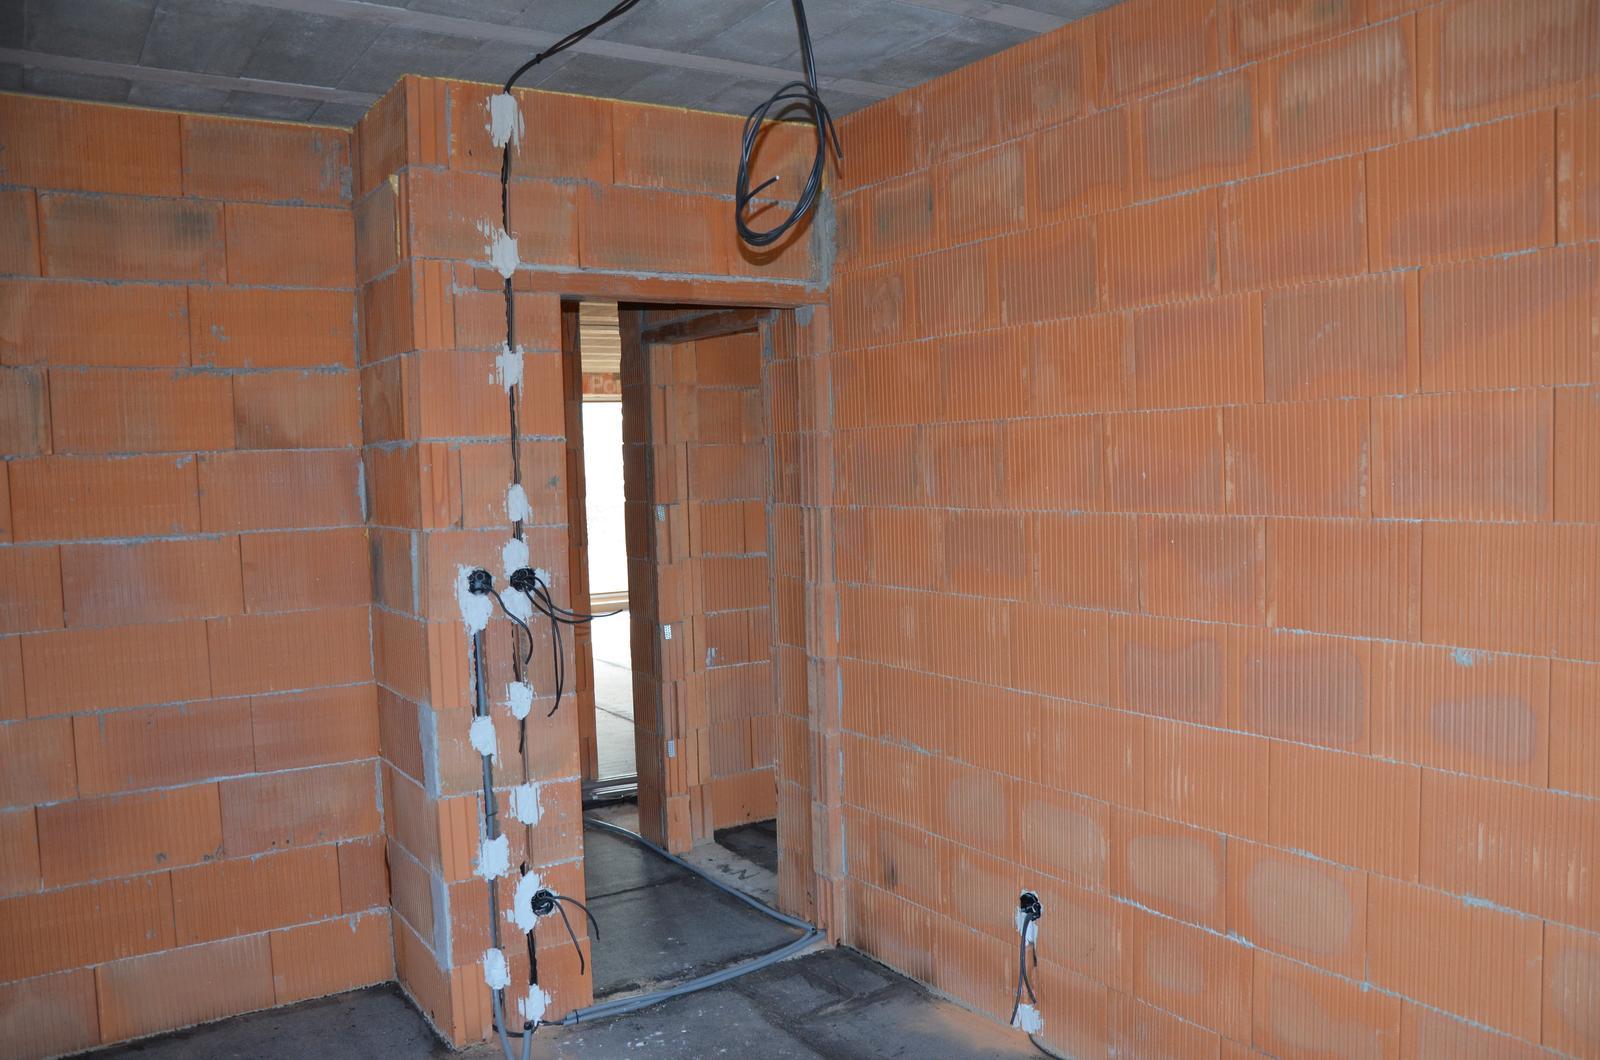 Náš budúci domov - Pokračujeme - elektrika: detská izba č. 1. 28.2.2016